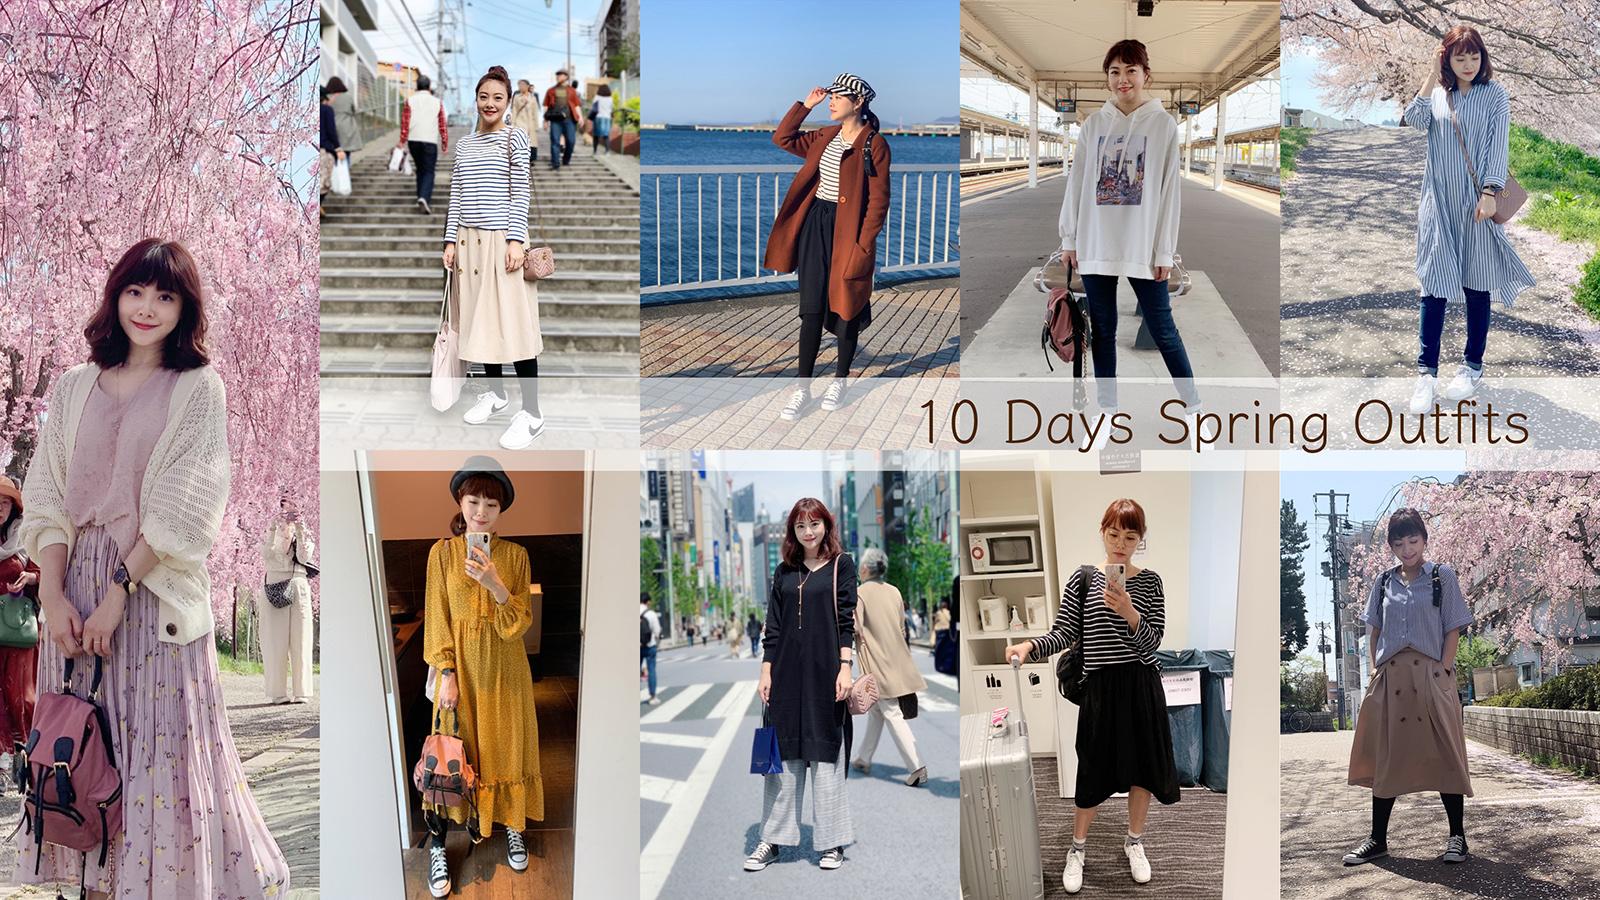 ☆【2019。東北 / 東京女子旅】天氣忽冷忽熱、好難捉摸的四月穿搭 @凱的日本食尚日記